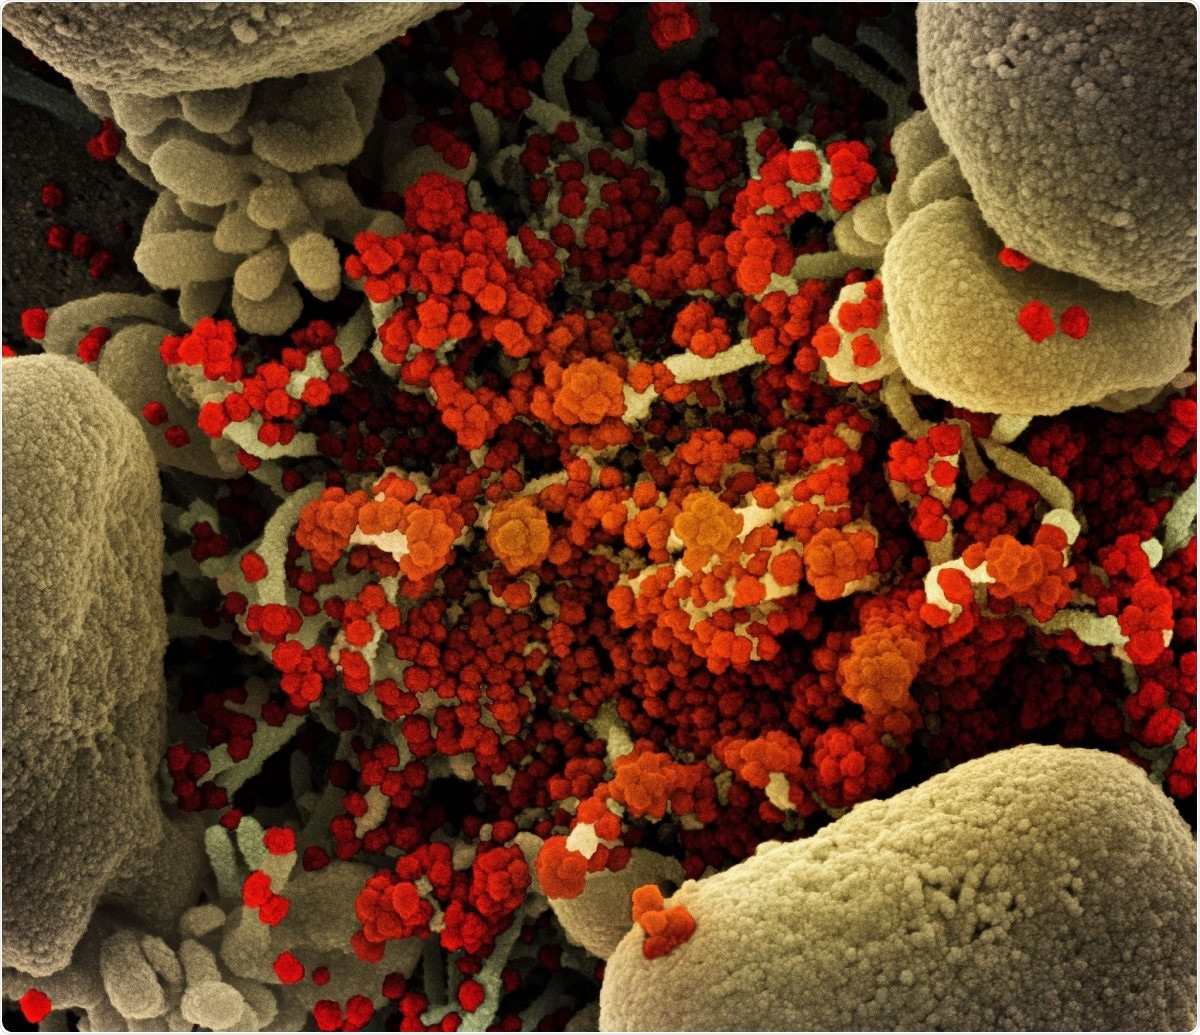 Micrografía electrónica de barrido coloreada de una célula apoptótica (bronceado) muy infectada con partículas del virus del SARS-CoV-2 (naranja), aislada de una muestra de un paciente.  Imagen capturada en la Instalación de Investigación Integrada (IRF) del NIAID en Fort Detrick, Maryland.  Crédito de la imagen: NIAID / Flickr